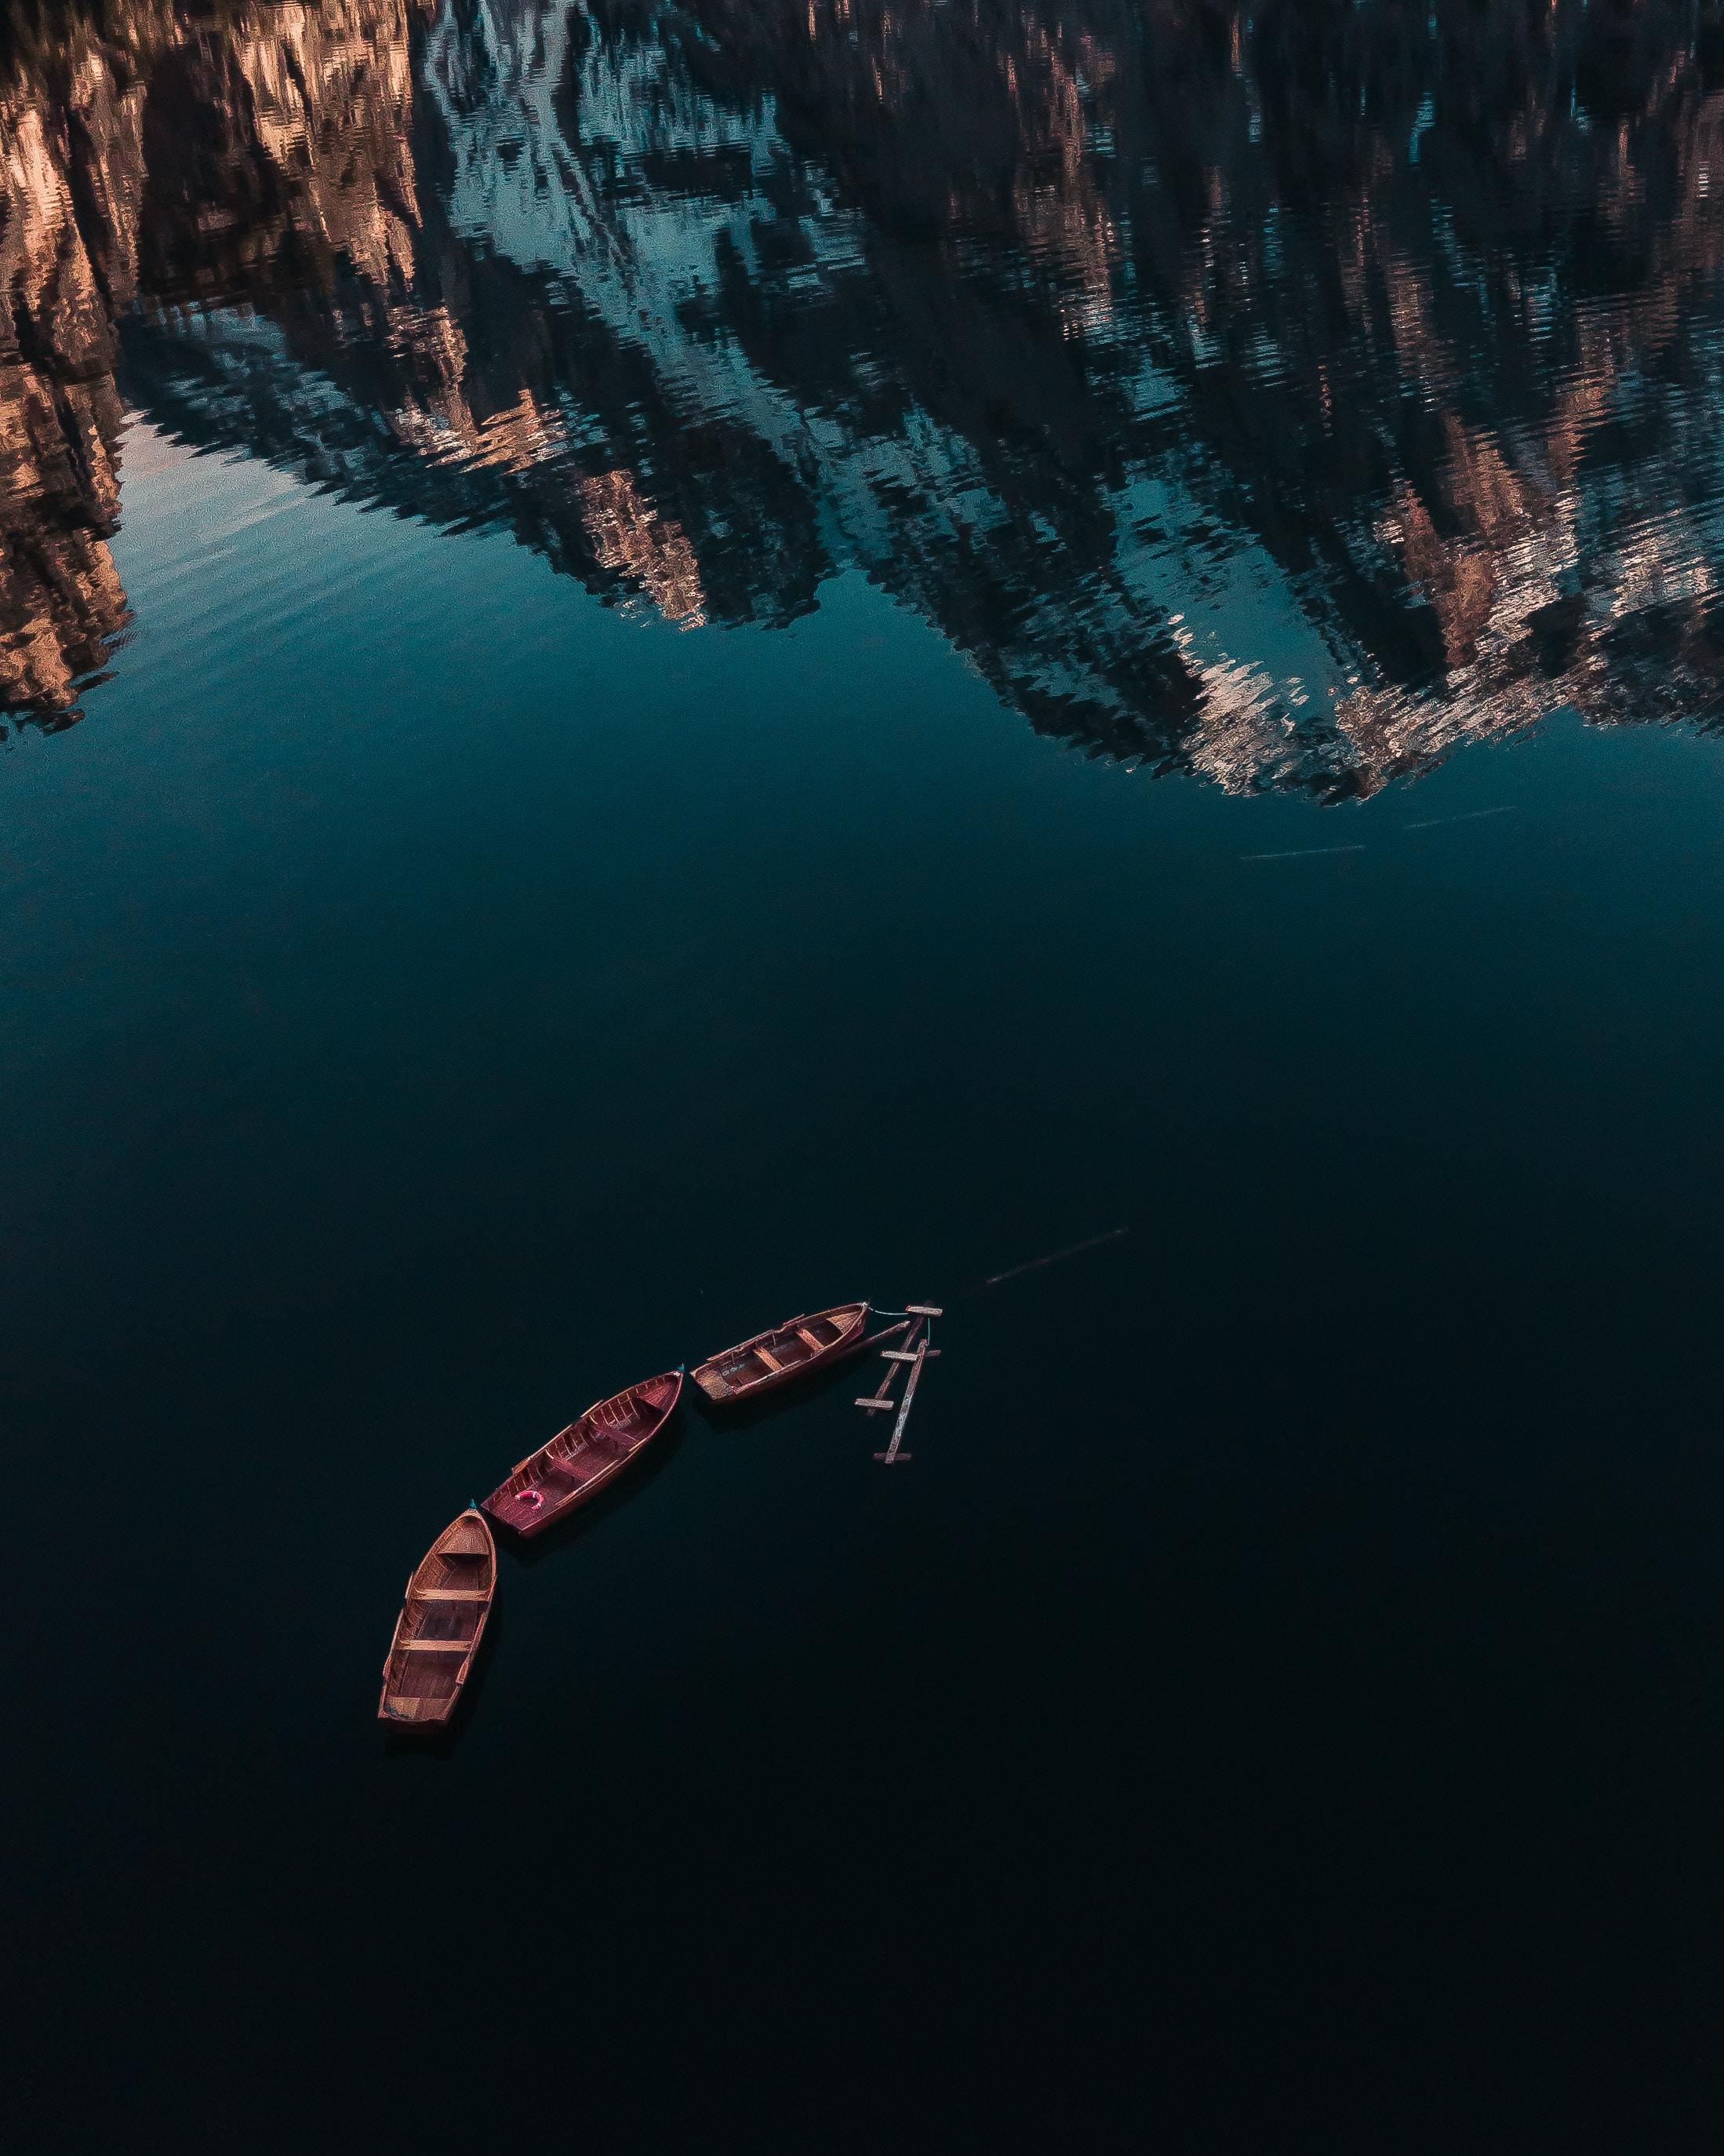 110591 Заставки и Обои Лодки на телефон. Скачать Природа, Озеро, Лодки, Отражение, Вода, Поверхность, Горы картинки бесплатно